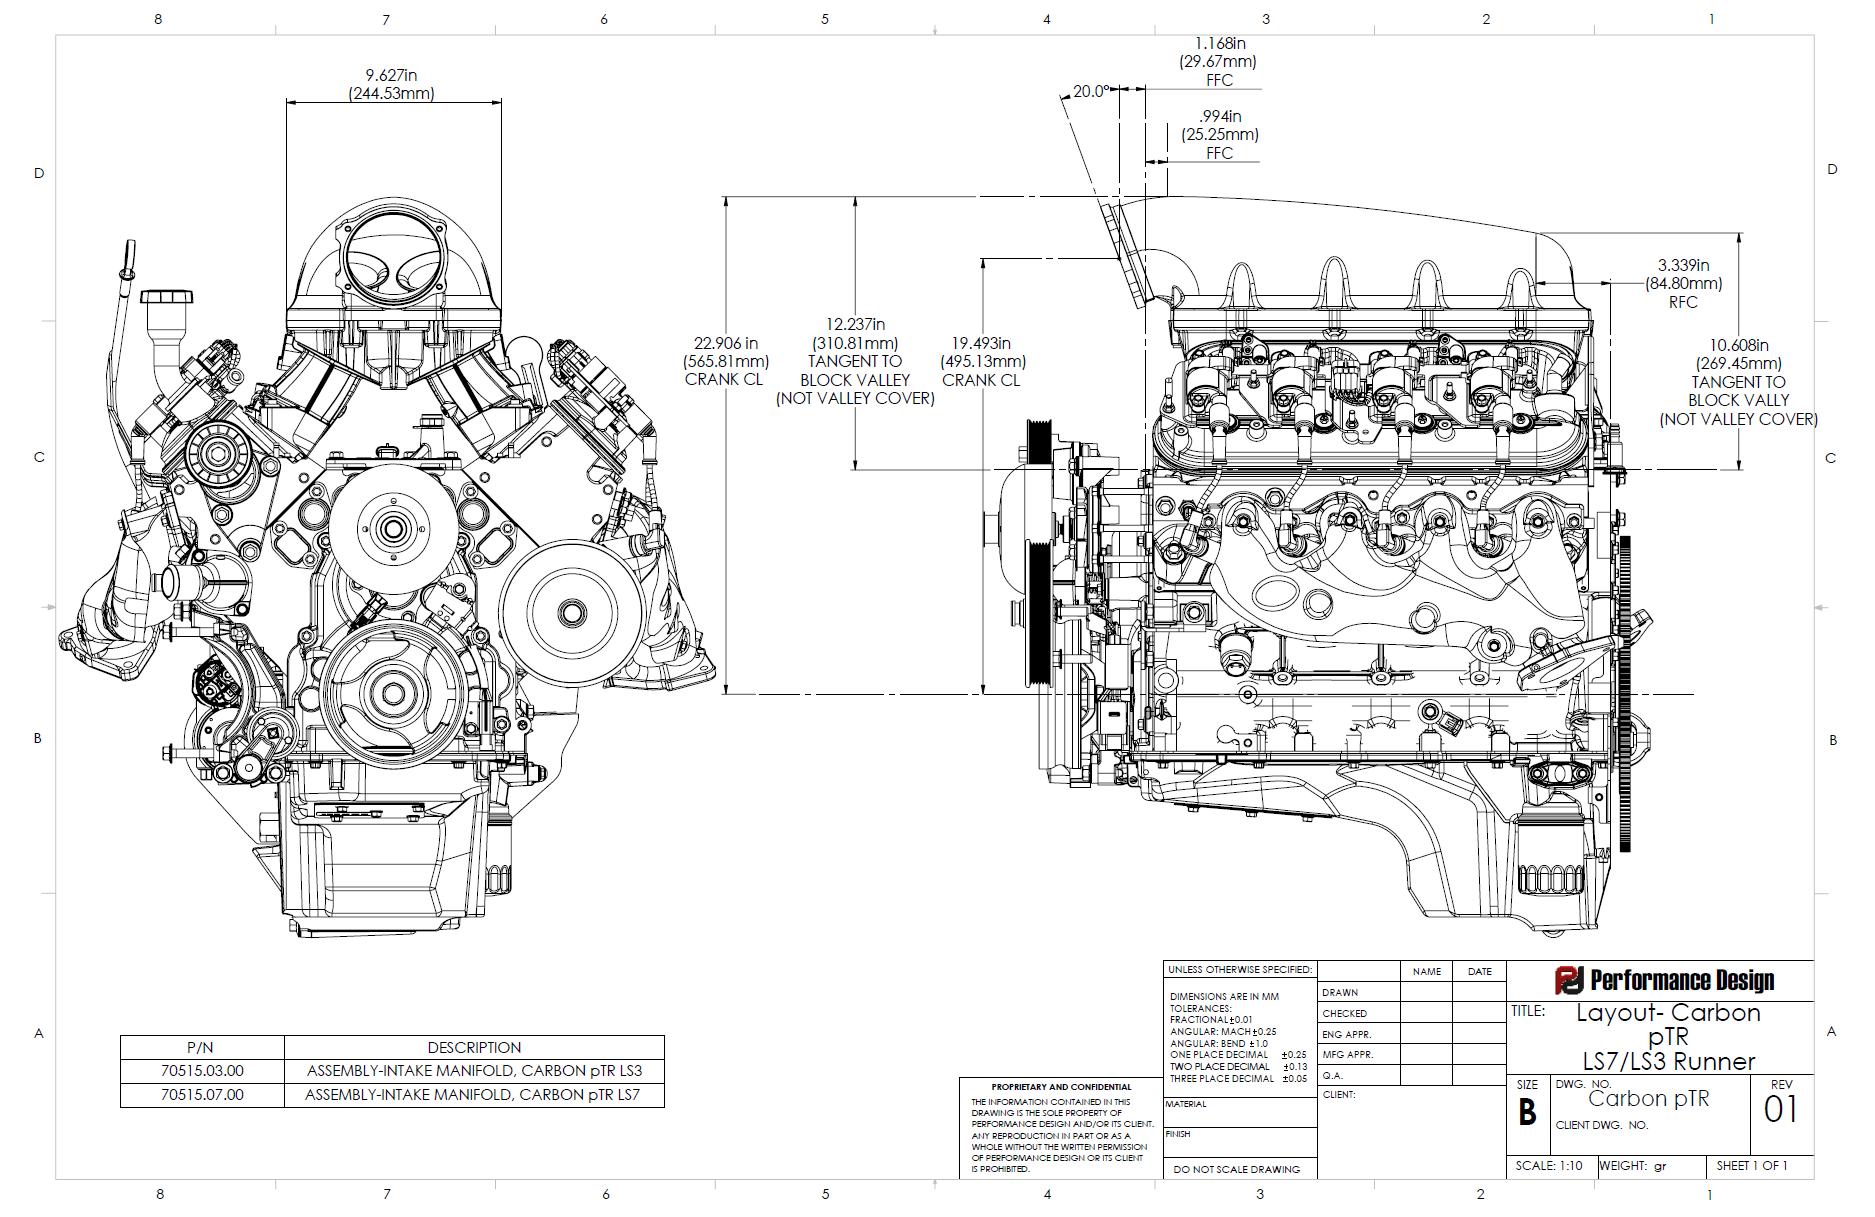 Carbon Ptr Intake Manifold